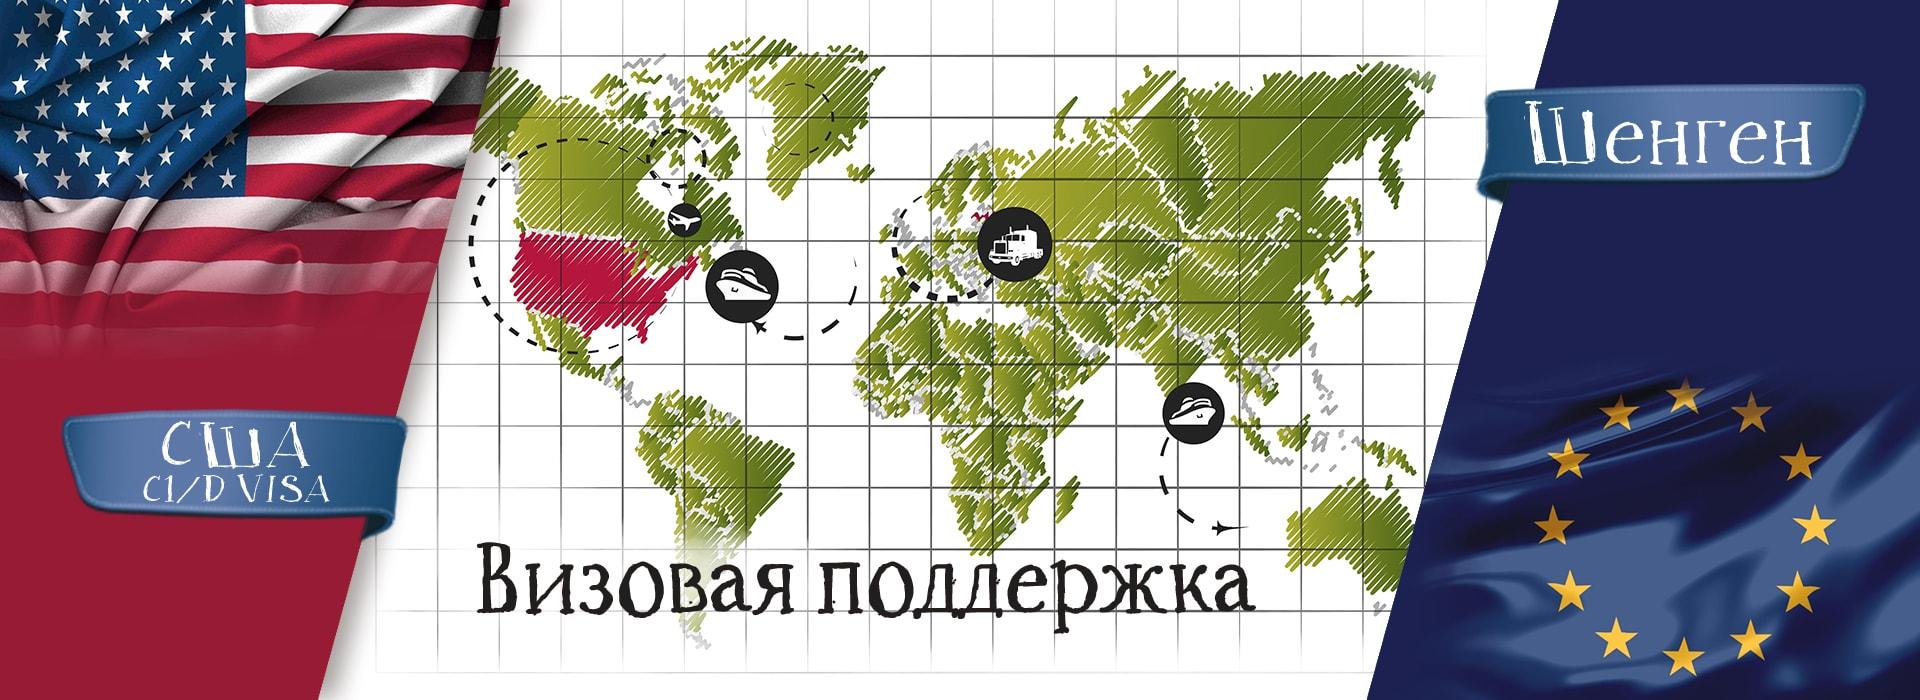 Визовая поддержка для работы за границей